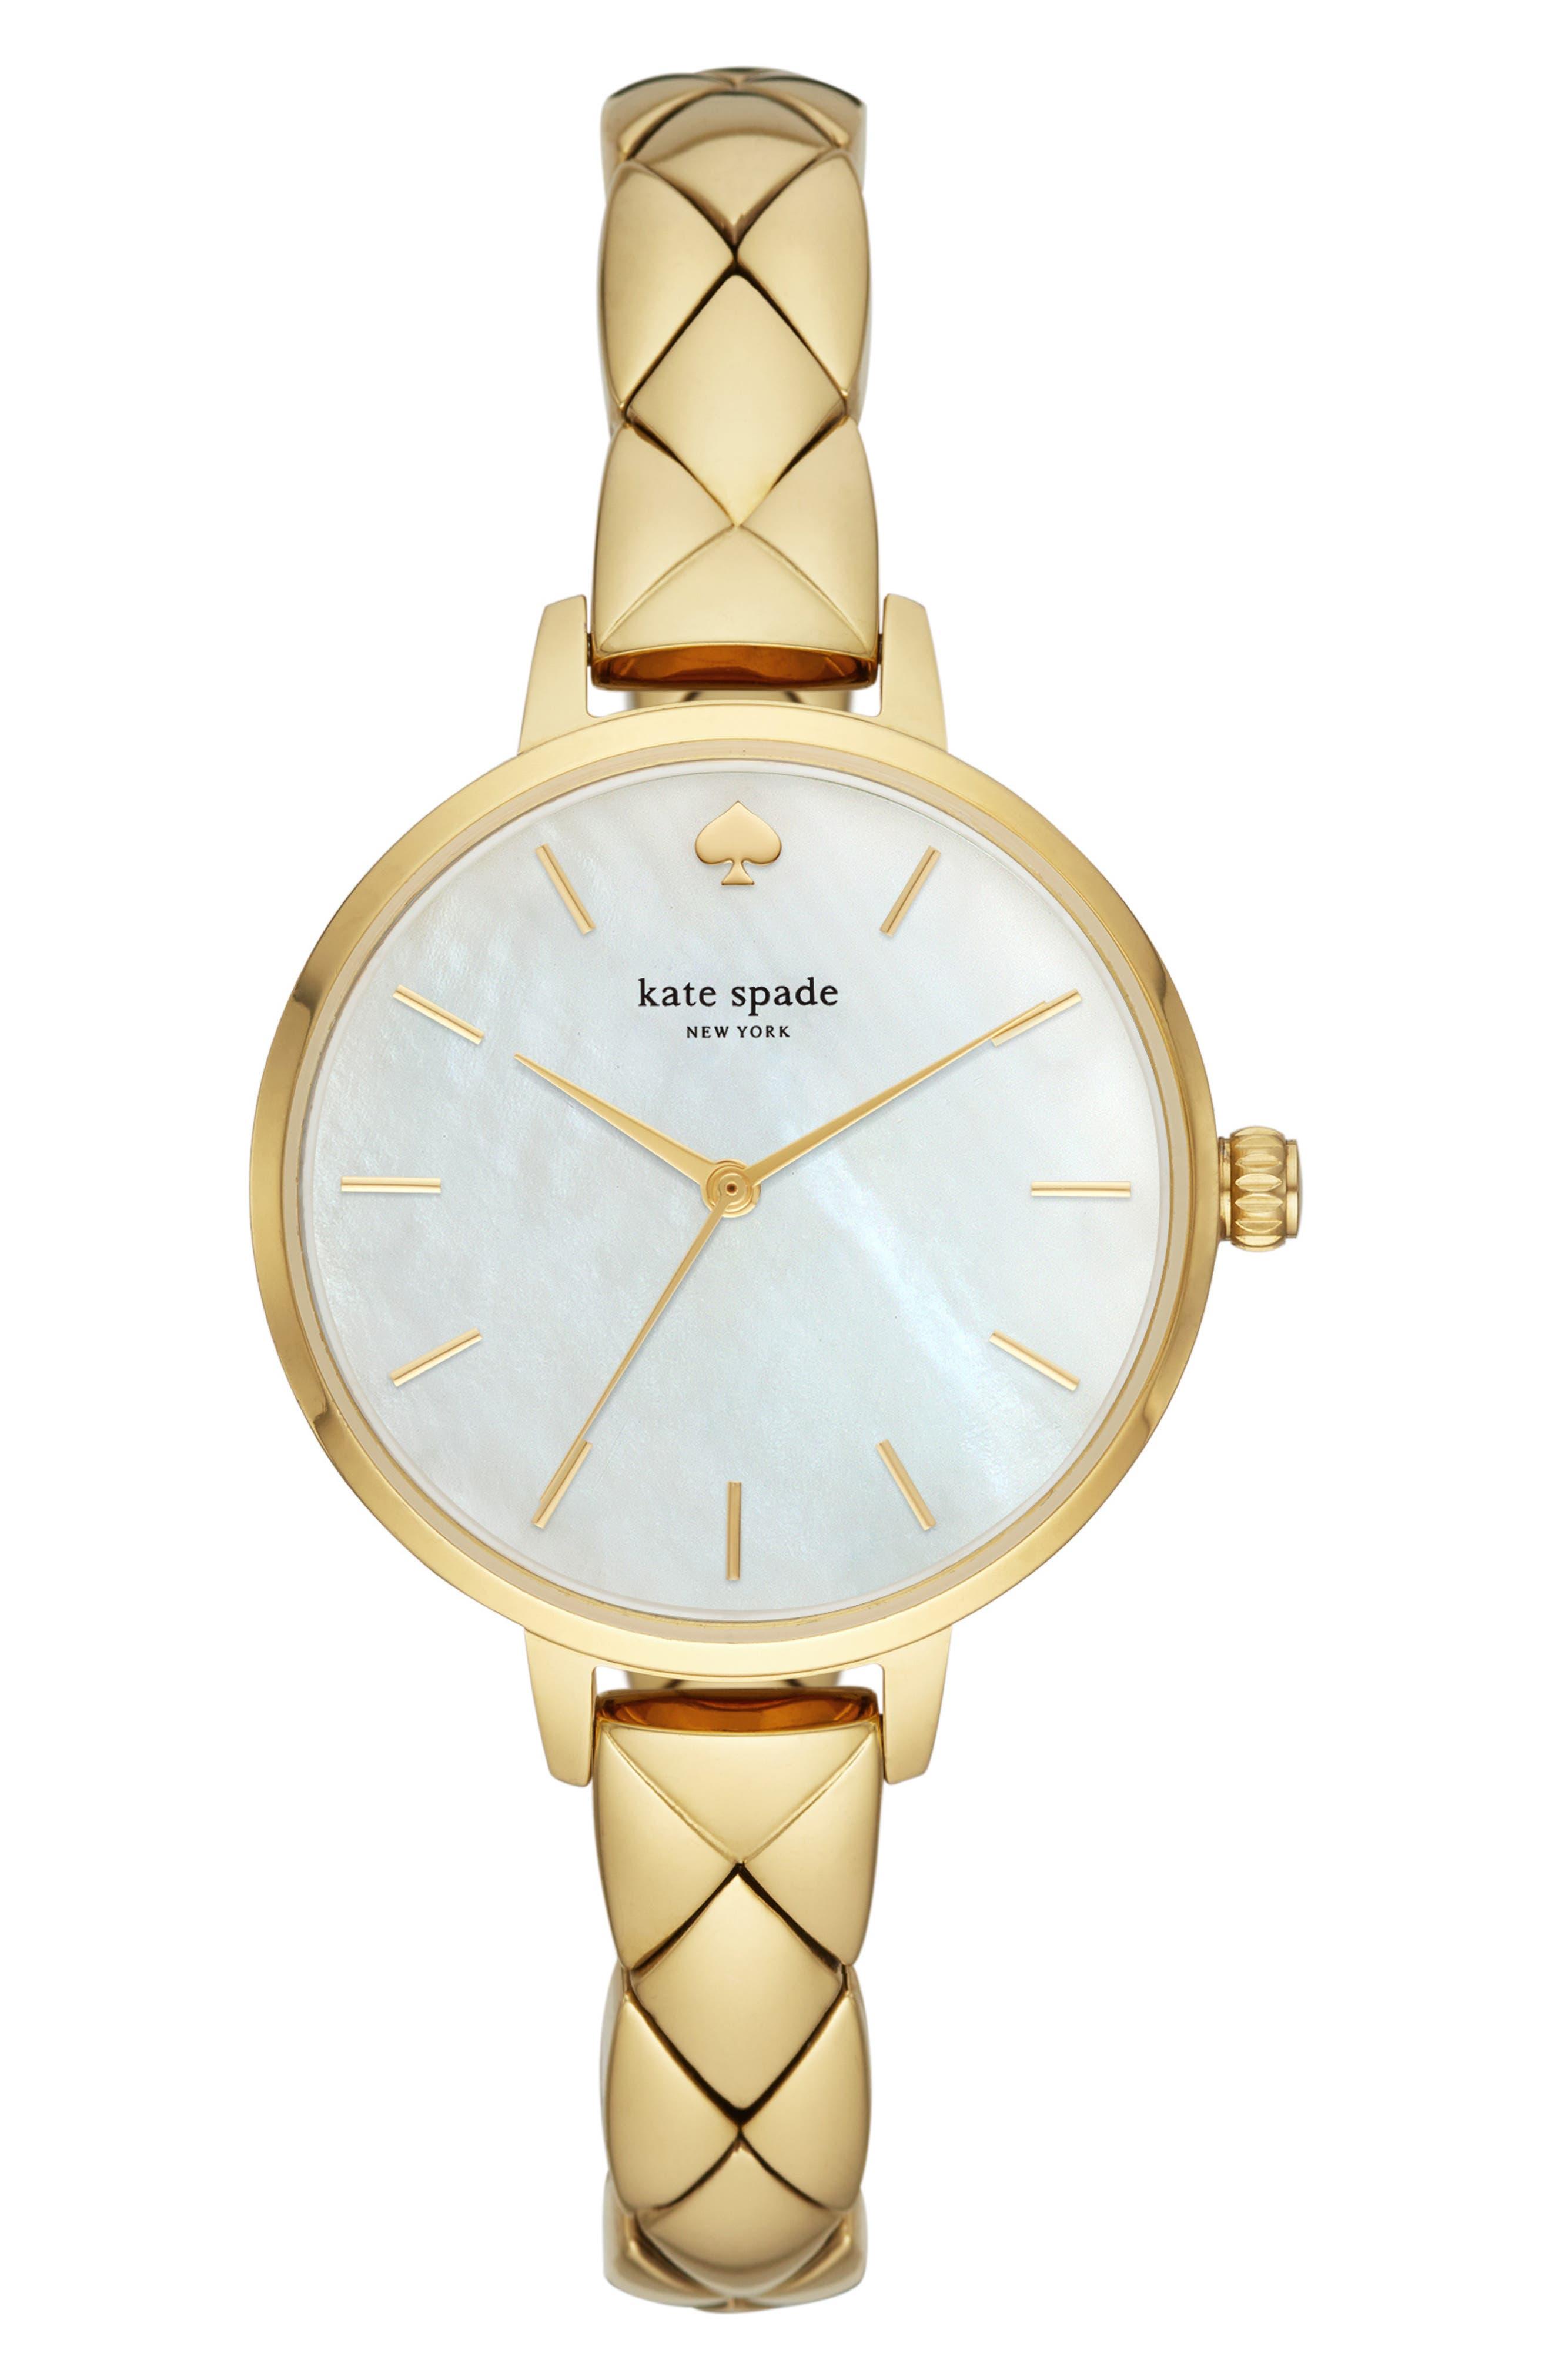 Kate Spade Women's Metro Bracelet Watch In Gold/ Mop/ Gold